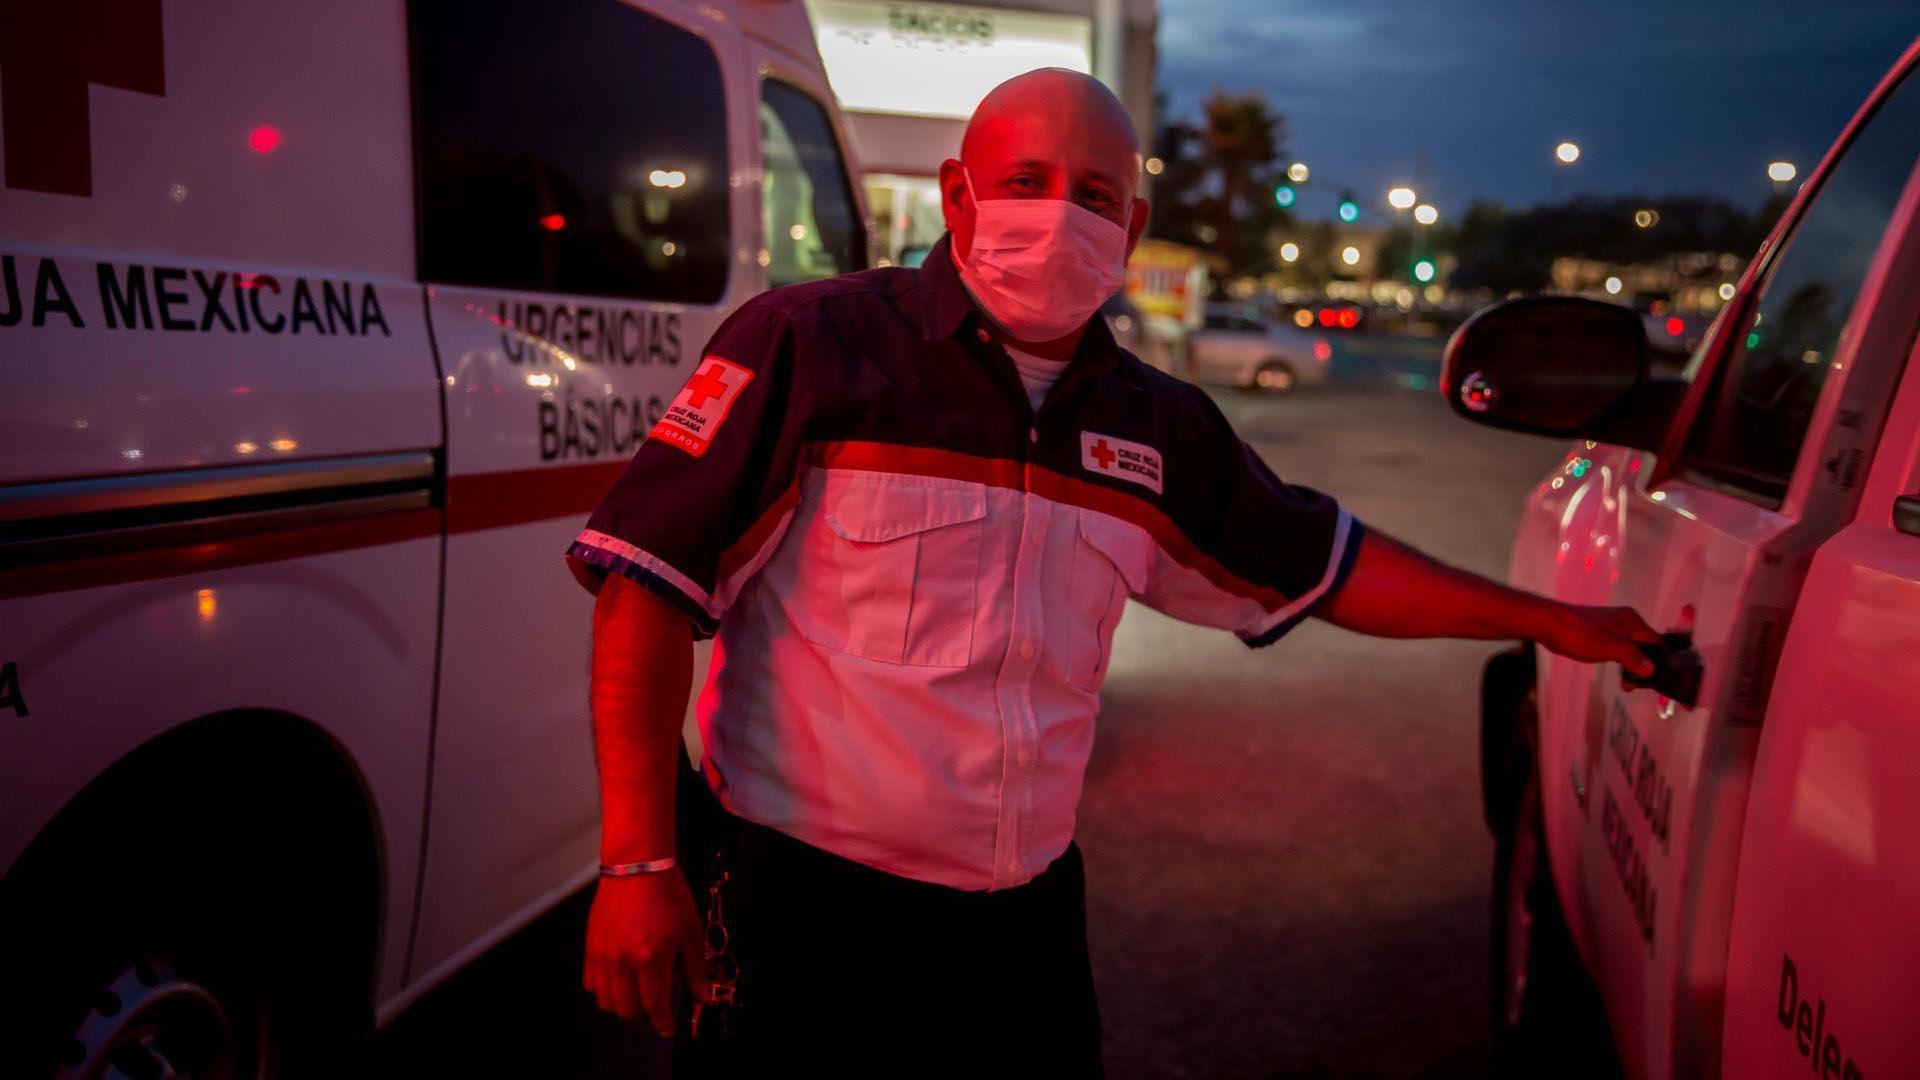 Al ser los primeros respondientes en llamadas de emergencia por cuestiones de salud, el personal médico de la Cruz Roja se encuentra en la primera línea de batalla durante la actual pandemia del COVID-19 (Foto: Cuartoscuro/Omar Martínez)